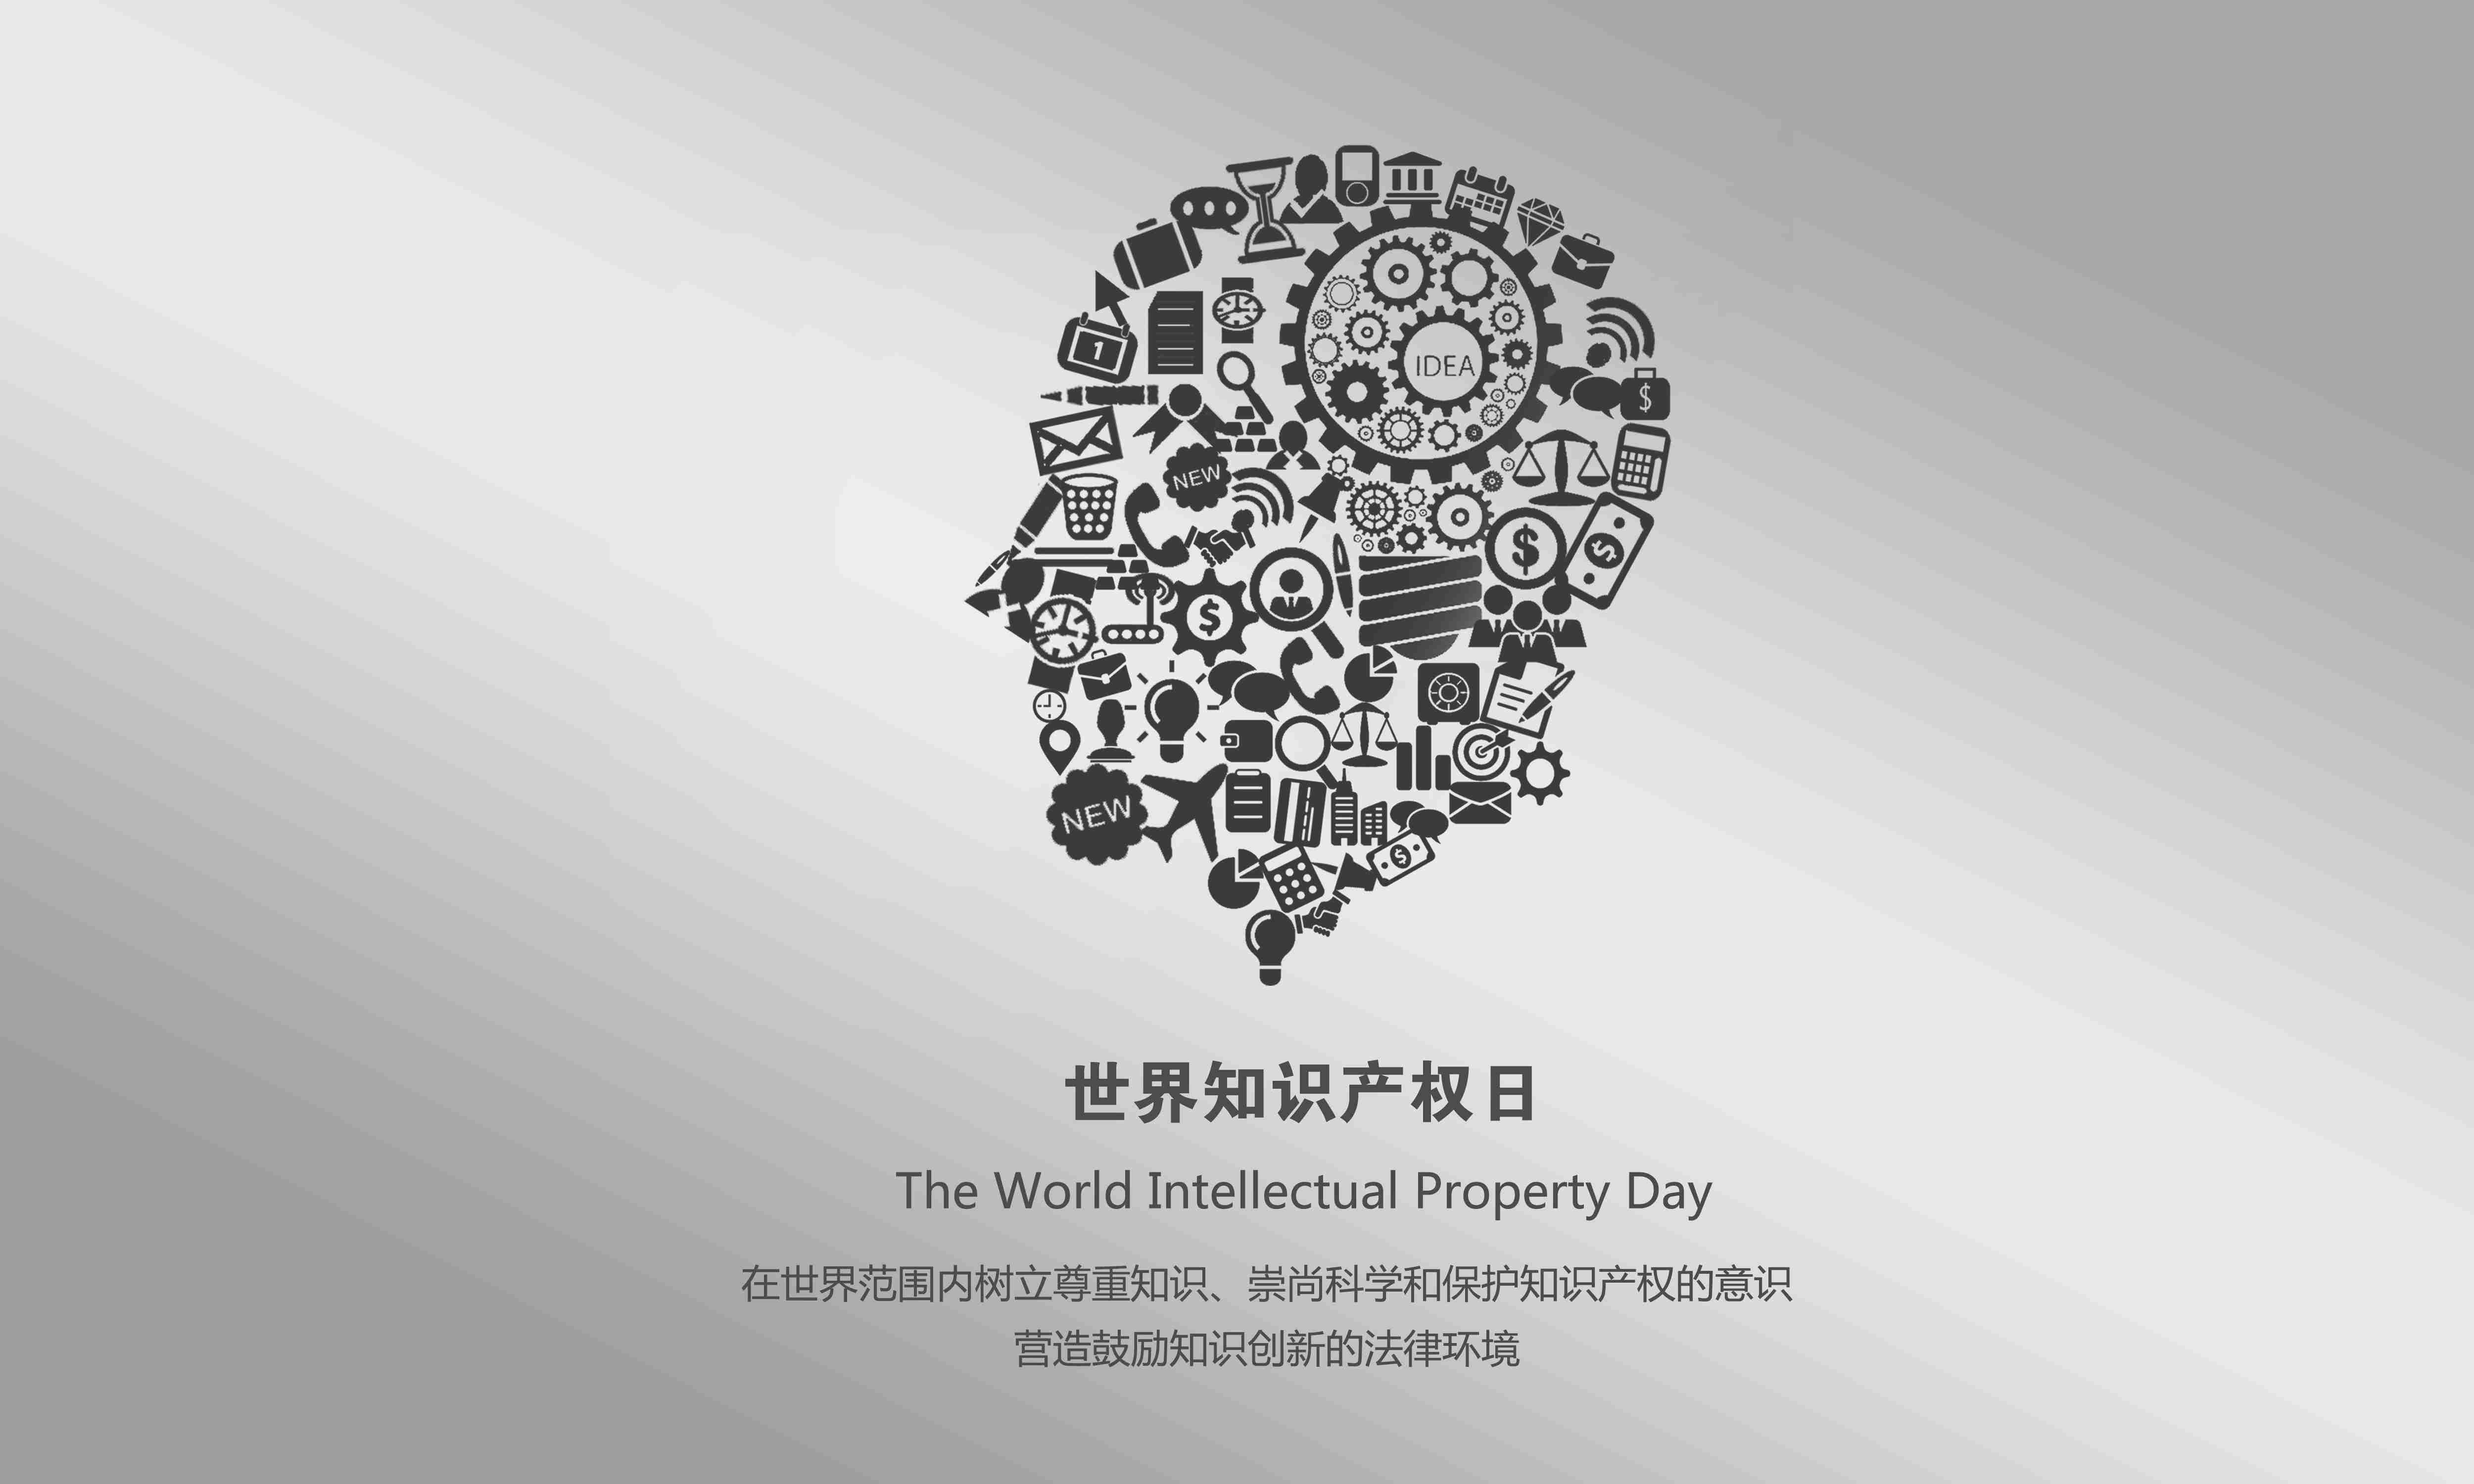 深圳专利律师告诉你 专利侵权怎么举证